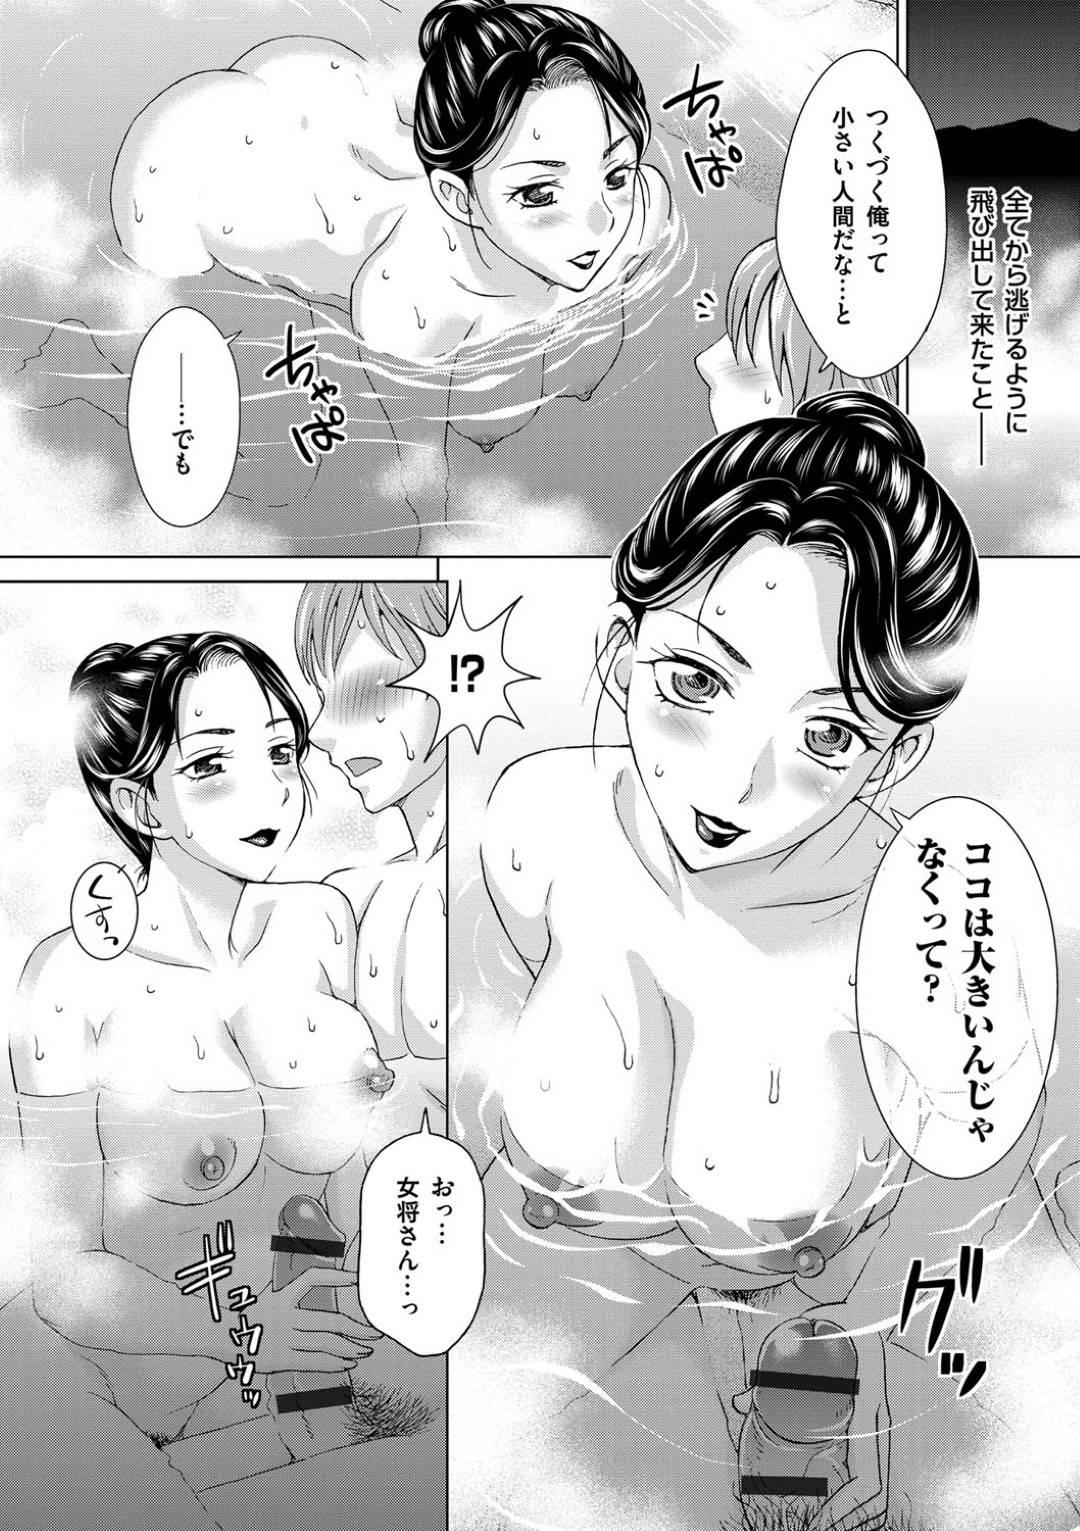 新しく従業員として雇った若い男を混浴で誘惑する美熟女女将…お尻を突き出してクンニさせて感じまくり生ハメ中出しイチャラブ不倫セックスしてイキまくる【白石なぎさ:淫宿 前編】